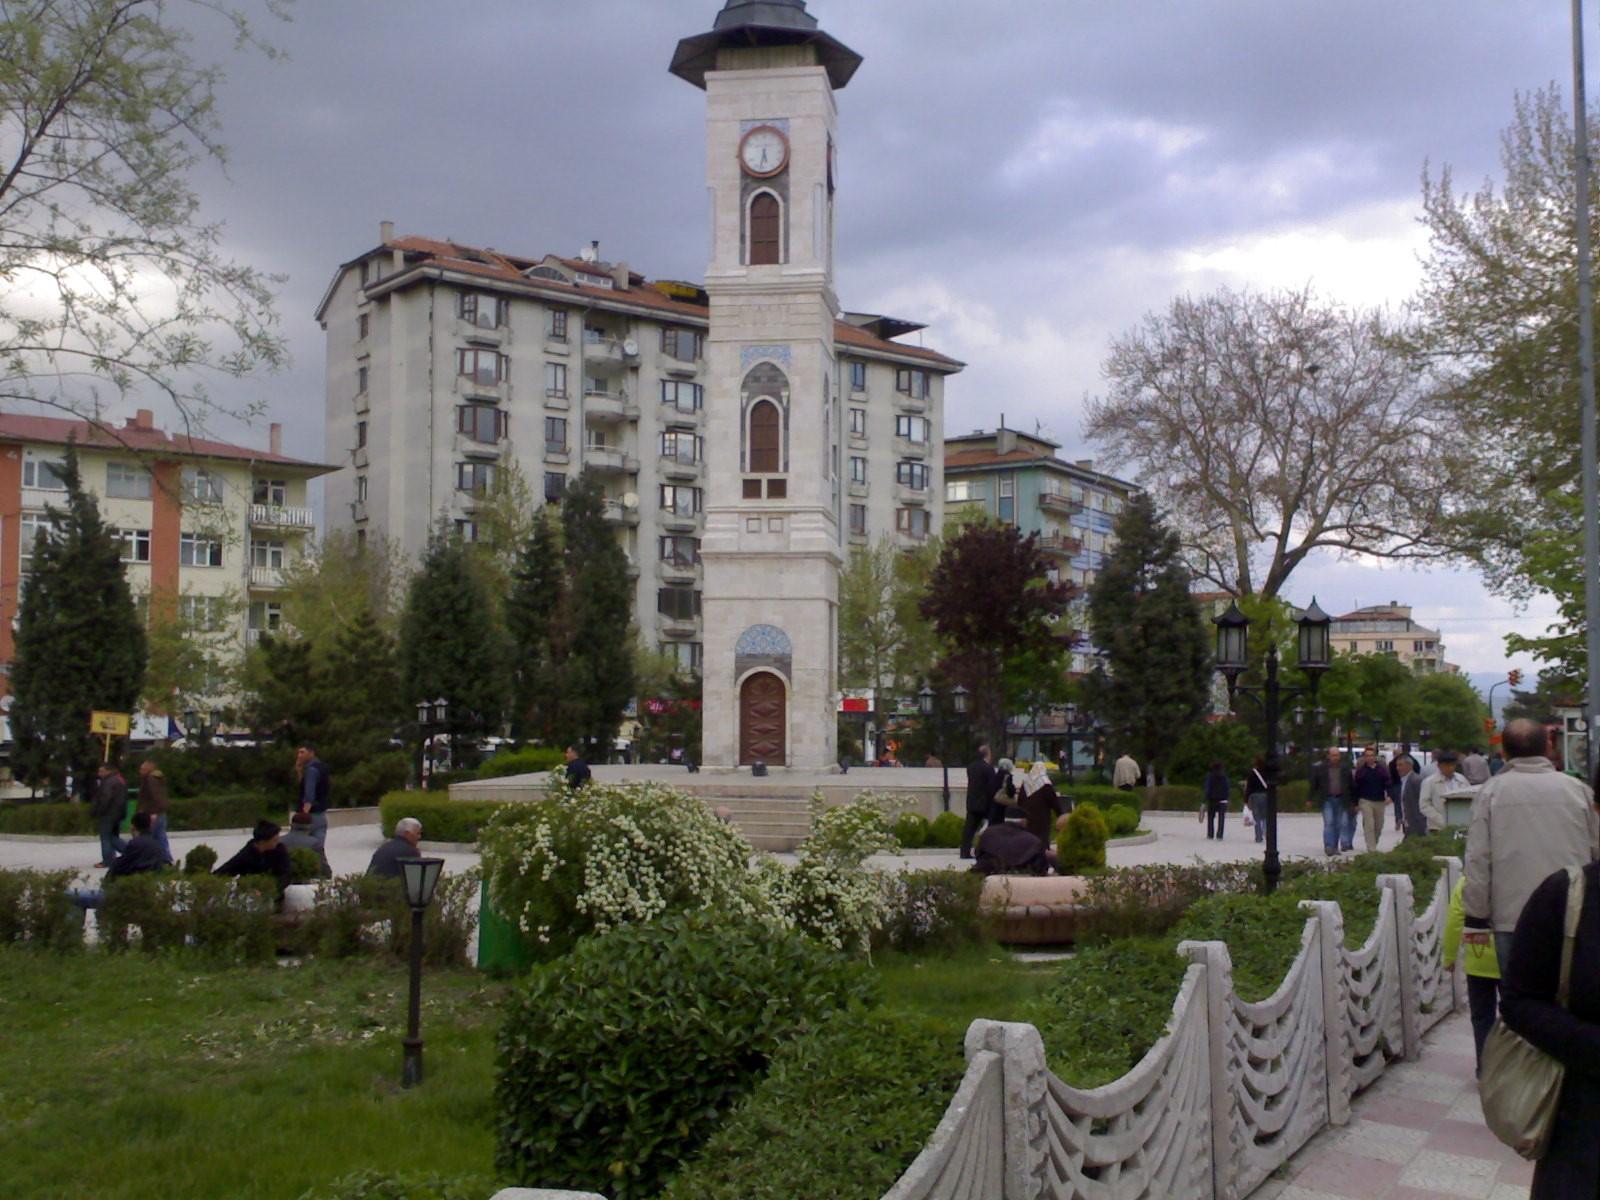 28 Kütahya Saat Kulesi. Osmanlı Eserleri. Padişah İkinci Sultan Abdulhamid Han Muhteşem Saat Kuleleri